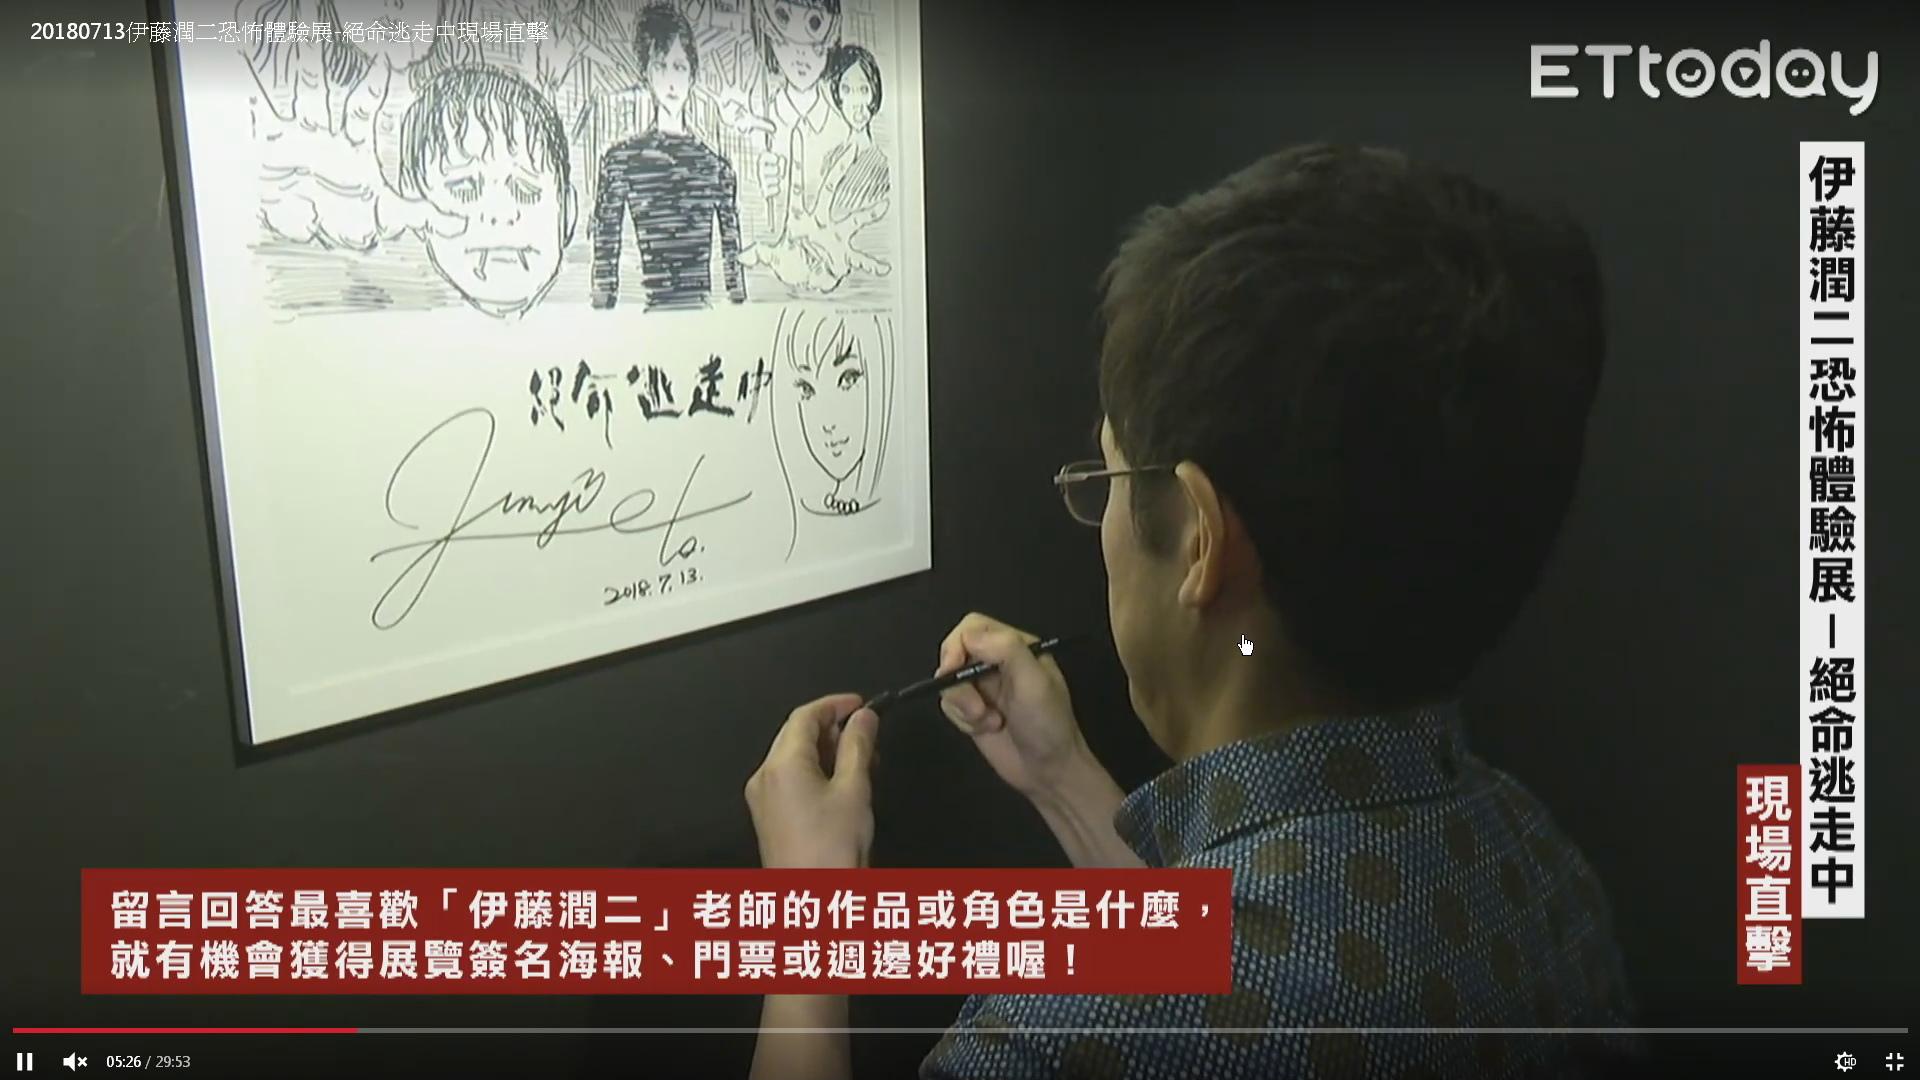 2018伊藤潤二恐怖體驗展 台北新光三越A9:伊藤潤二直播訪談 13.jpg